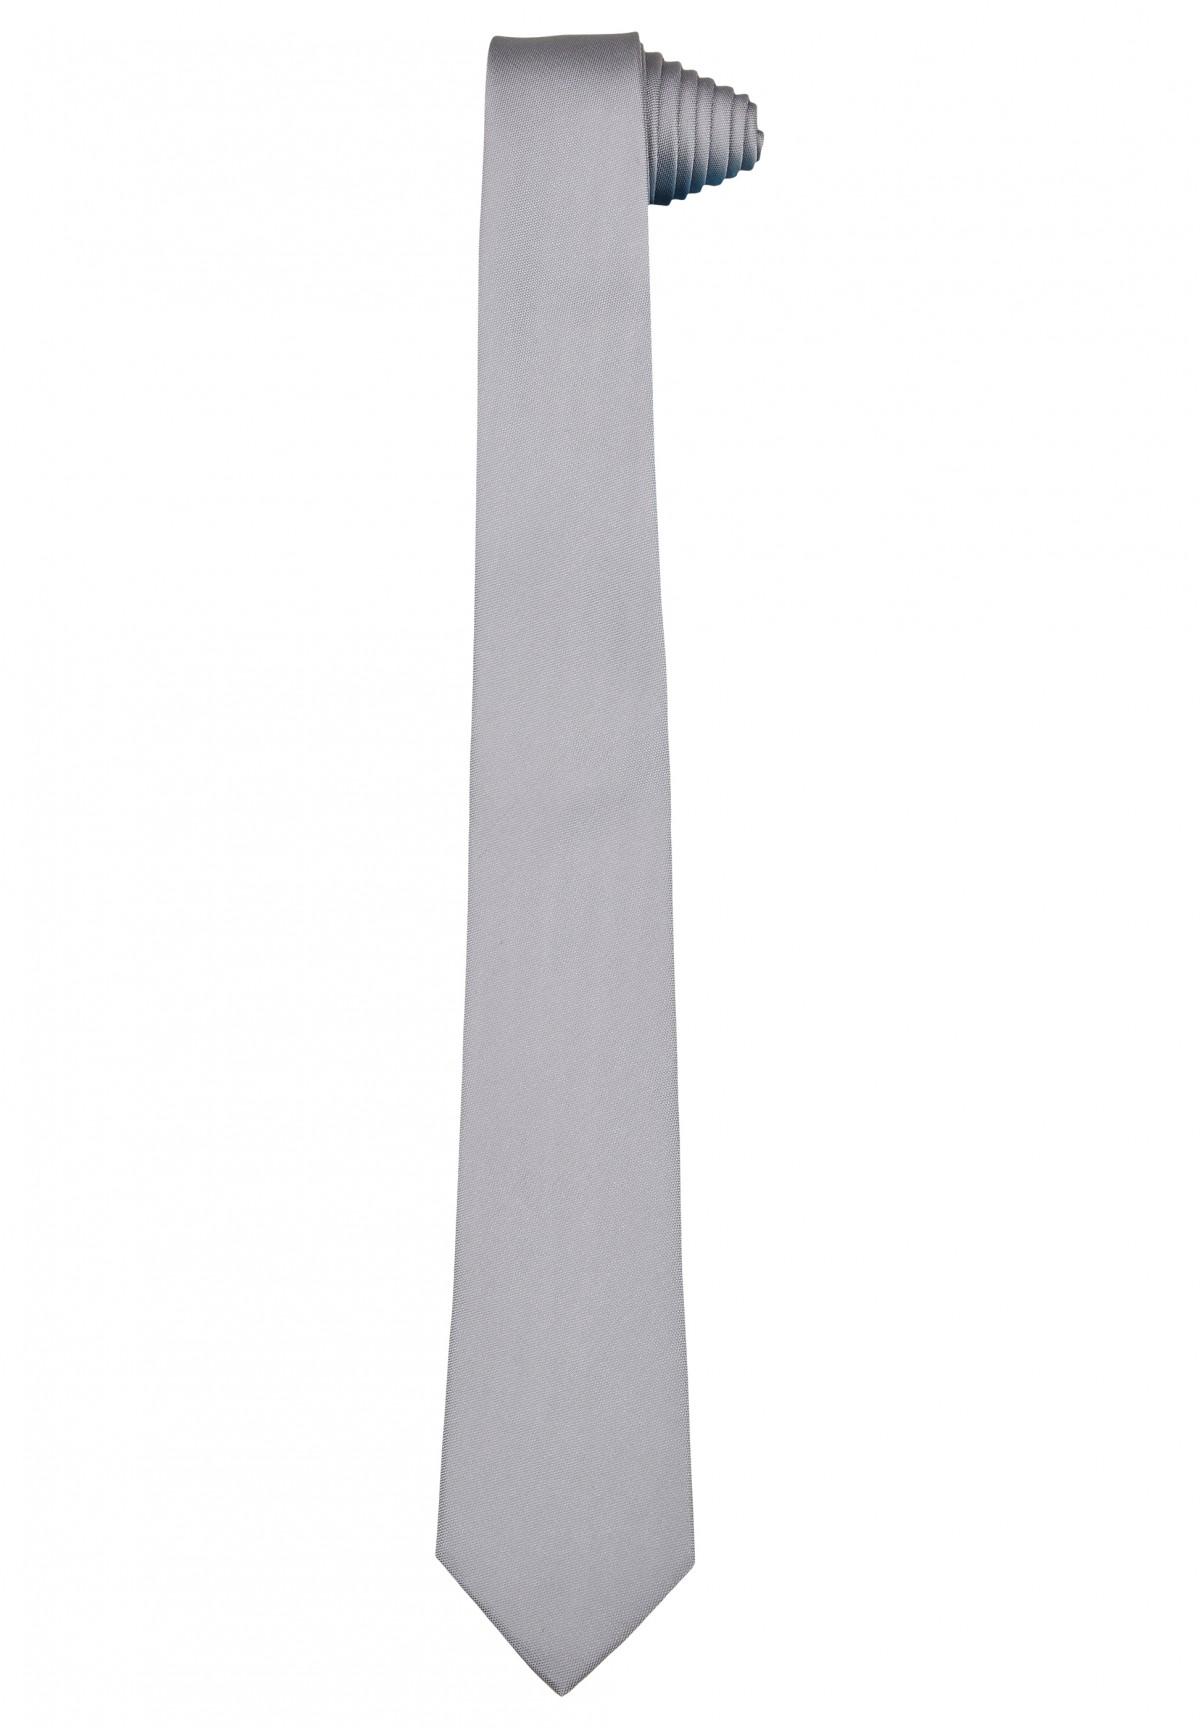 Cravate en soie unie /